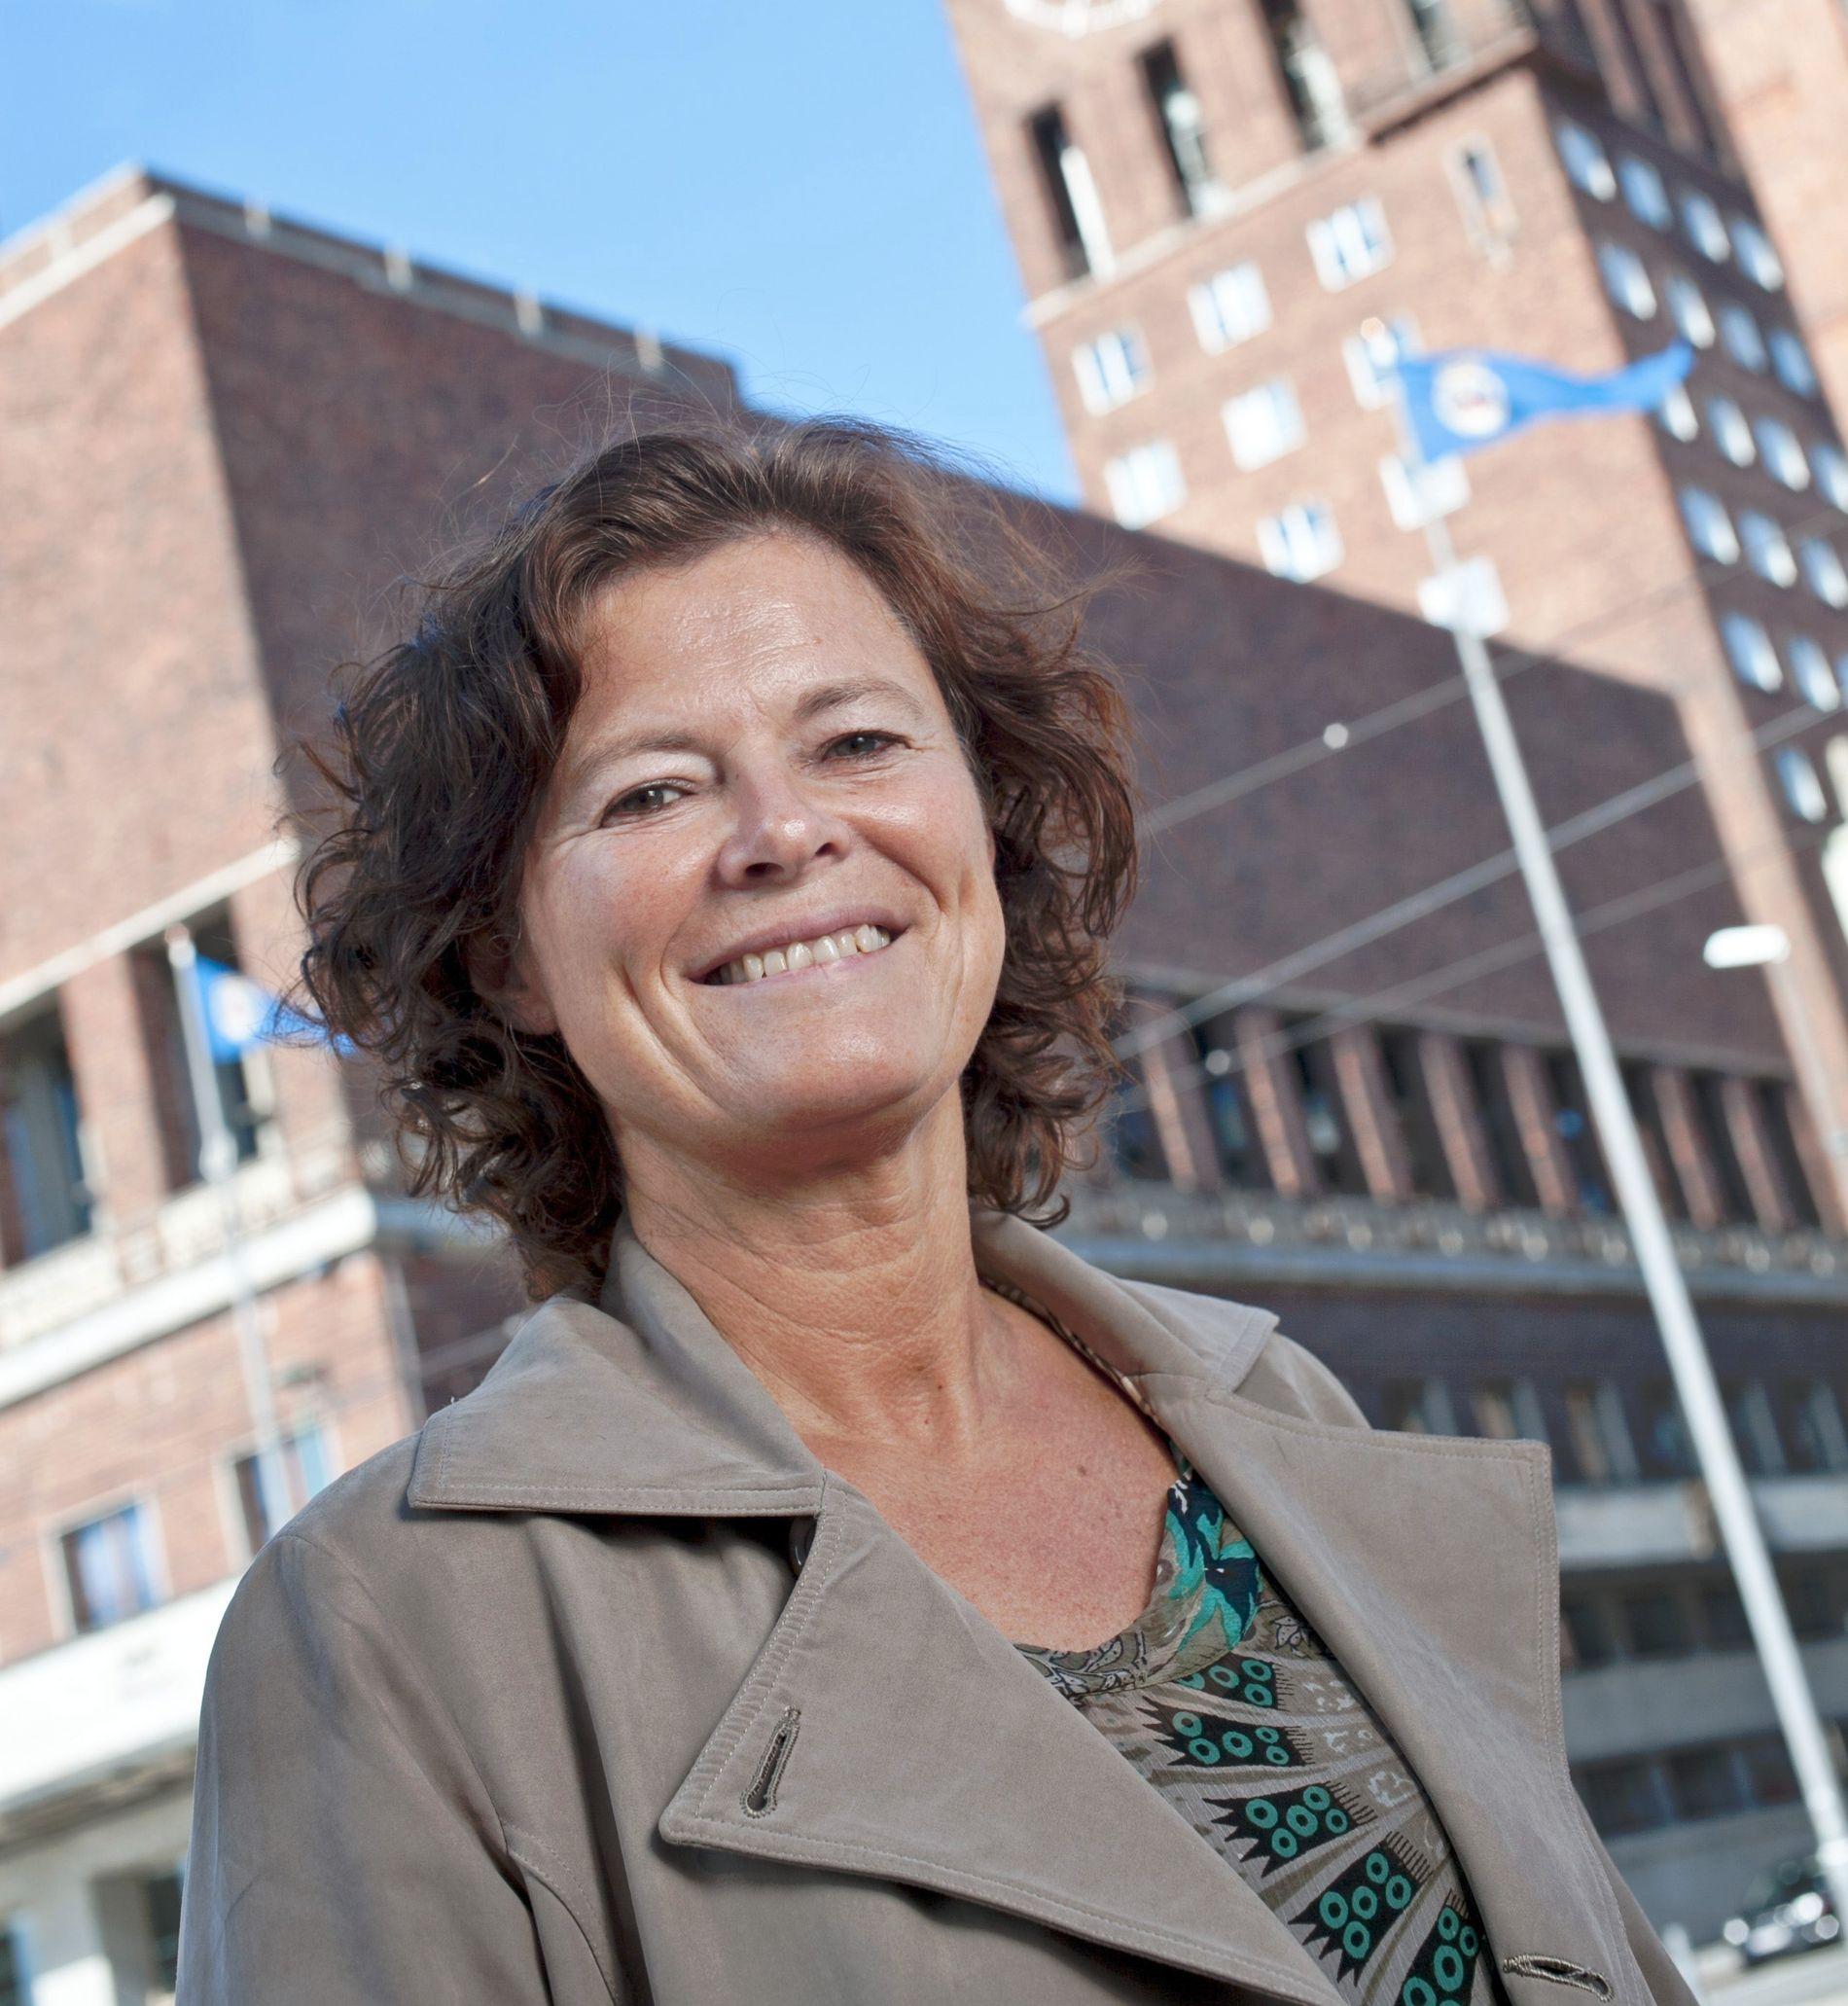 KOMMUNALDIREKTØR: Bente Fagerli er skolesjef Astrid Søgnens sjef. Hun sier at hun ikke på noen måte har påvirket innholdet i rapportene.